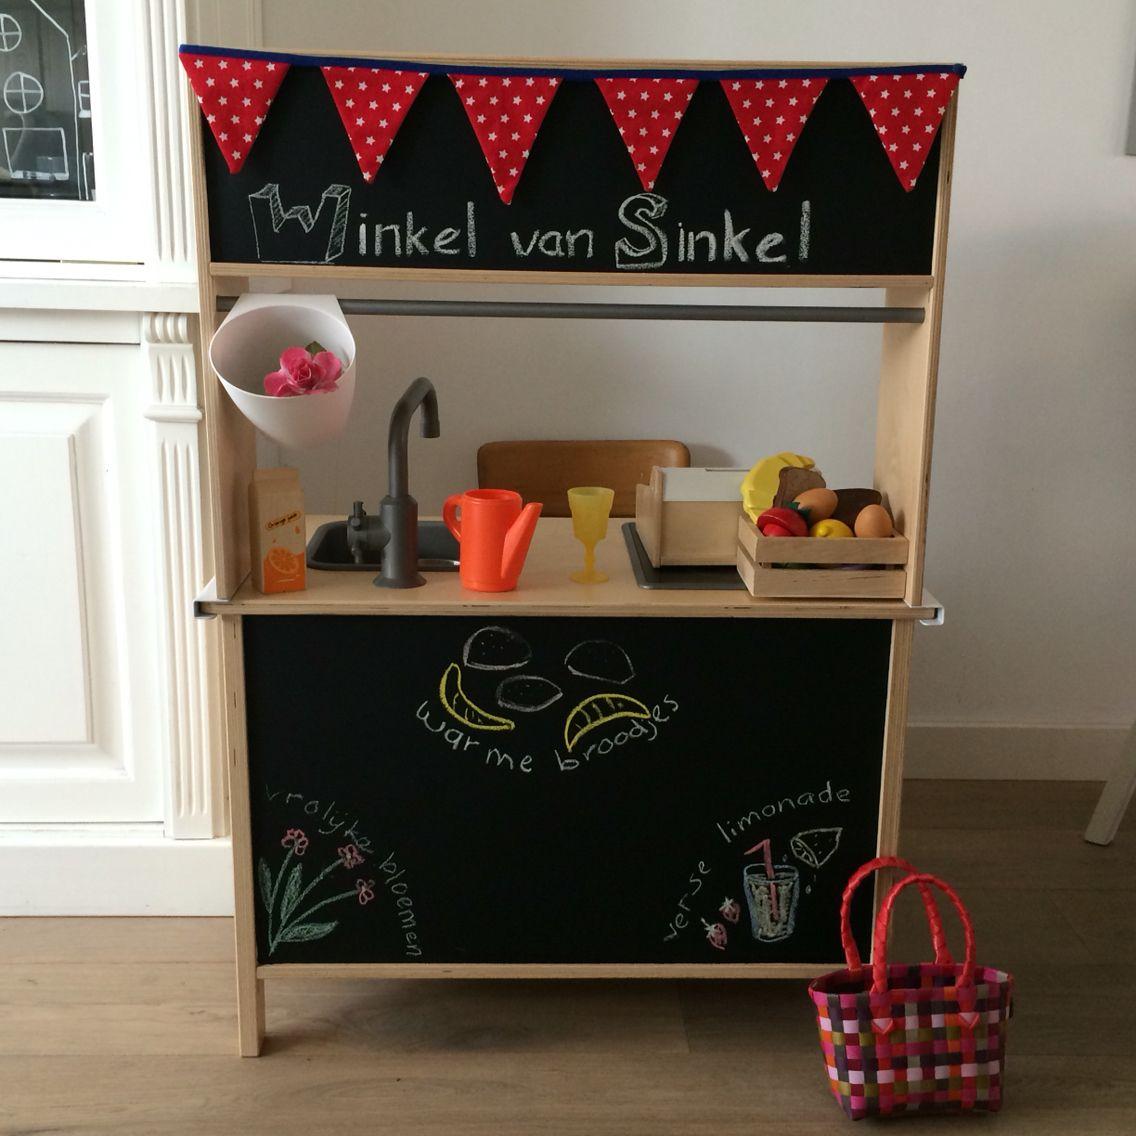 ikea duktig keukentje en winkel samen pinterest salle de jeux enfant et. Black Bedroom Furniture Sets. Home Design Ideas